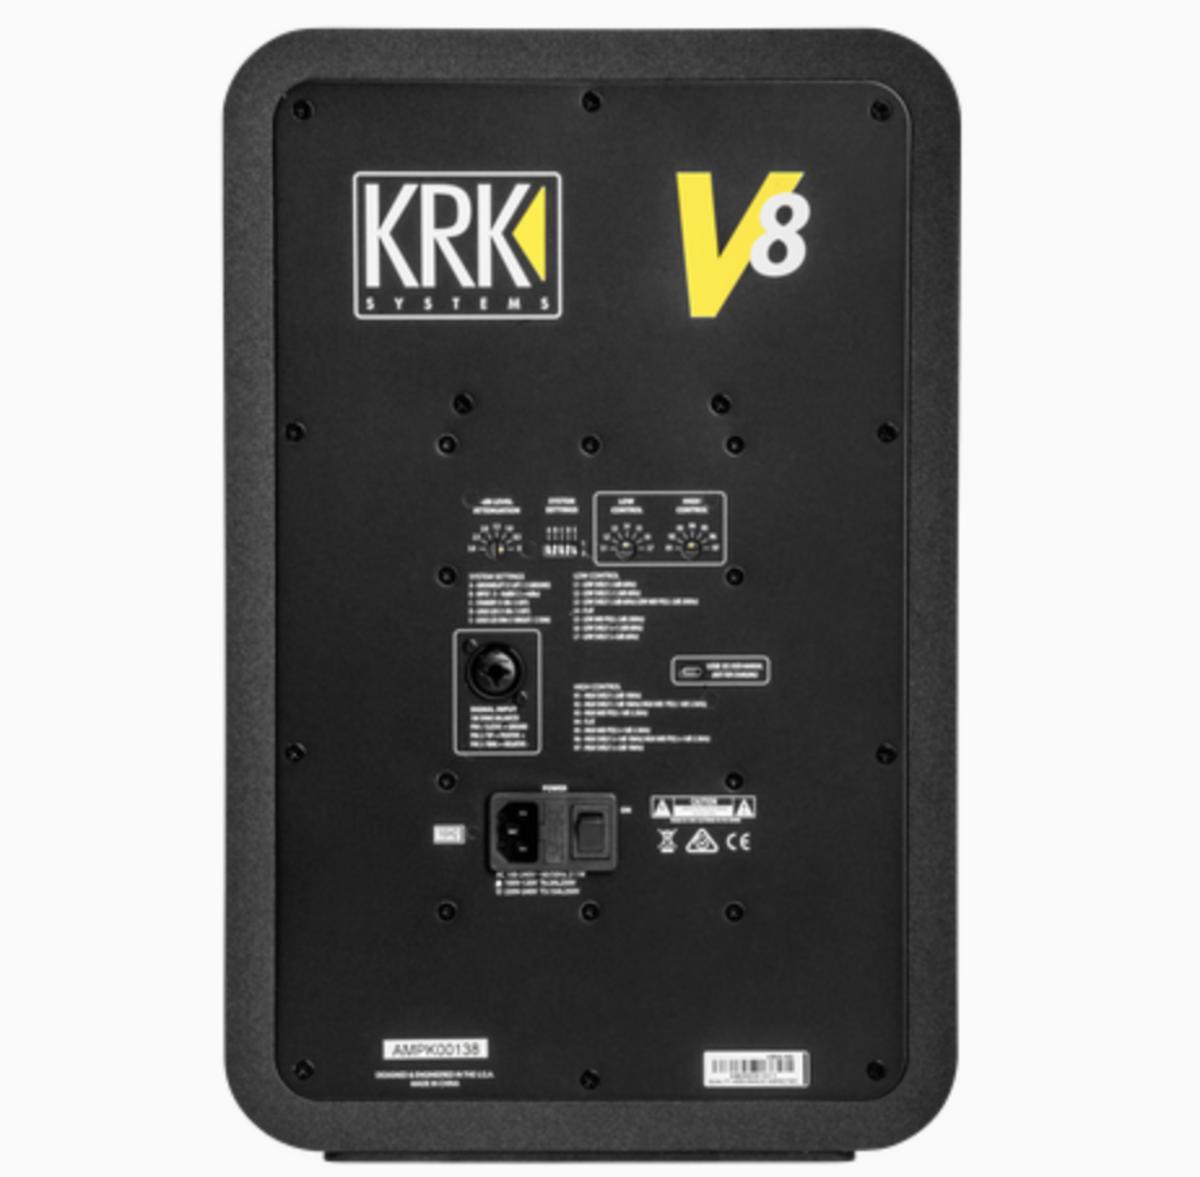 KRK V8 S4 Speaker Back